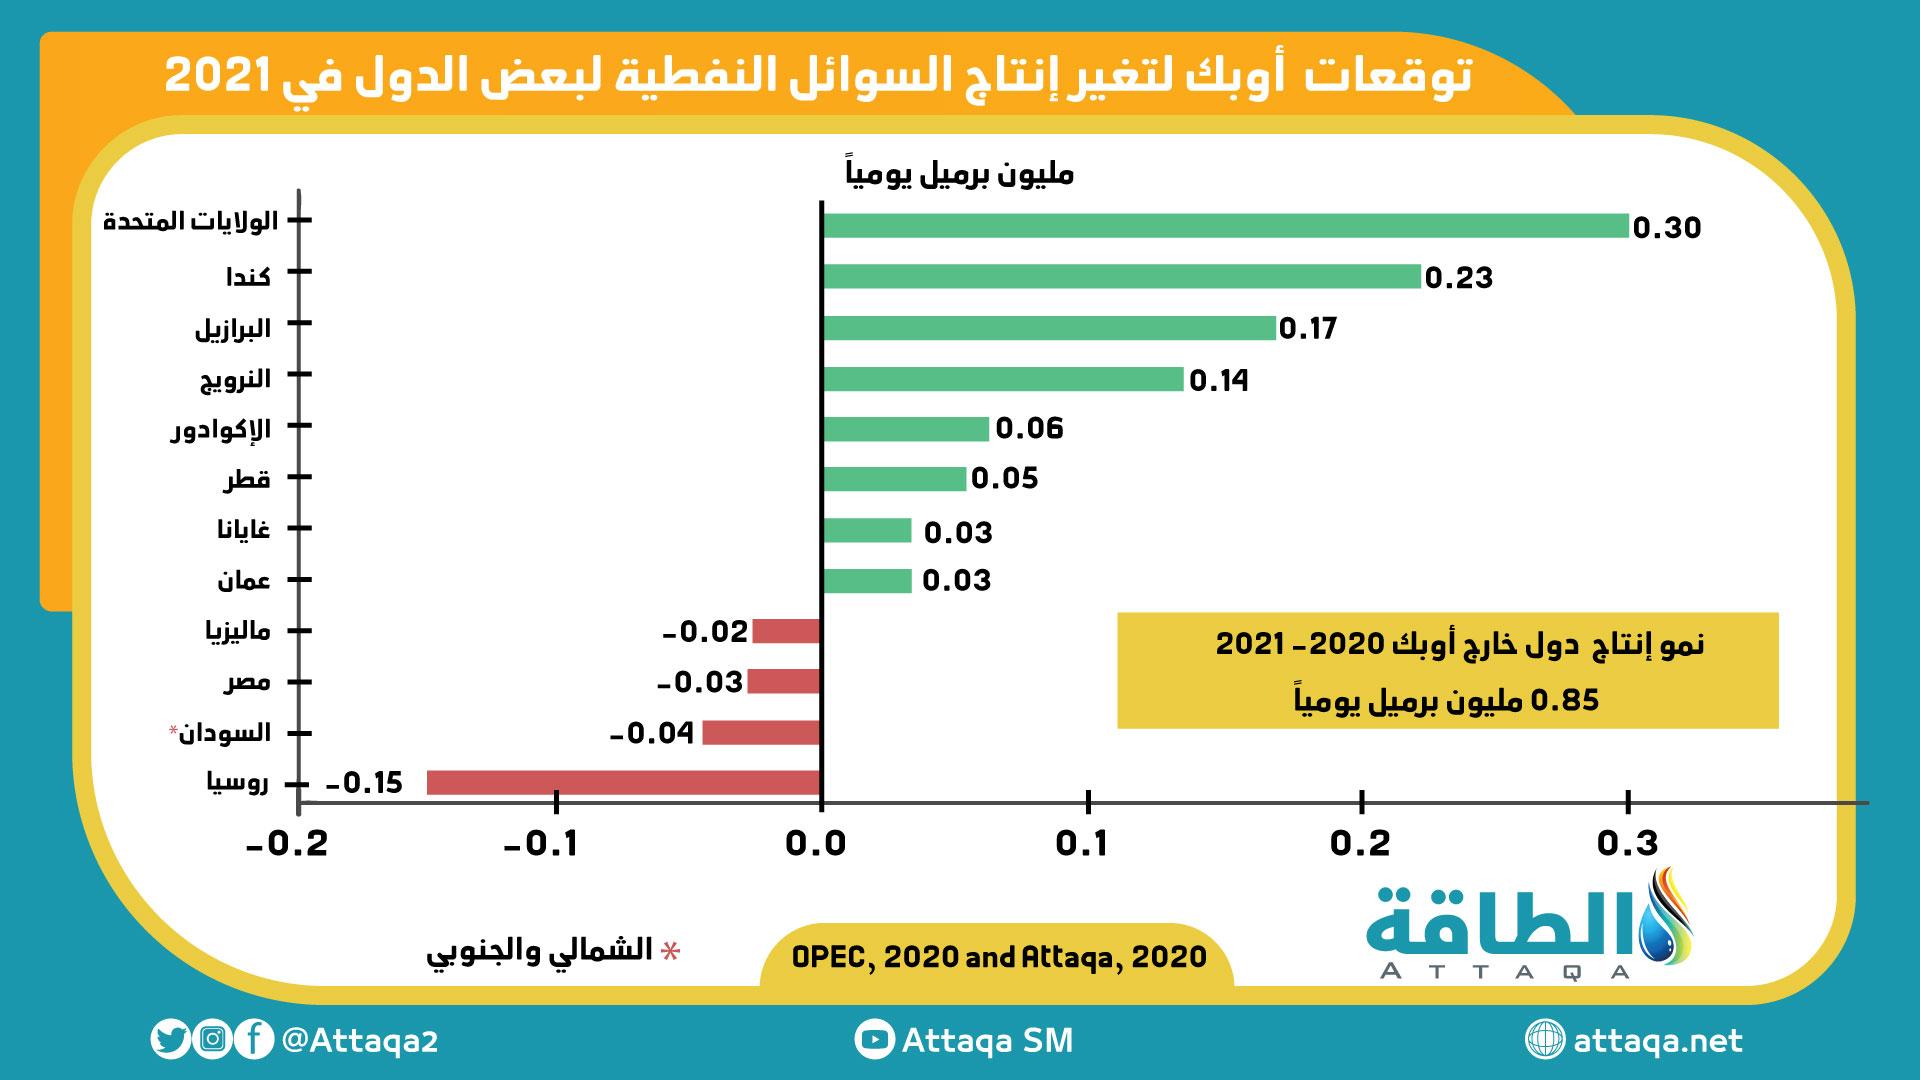 توقعات أوبك لإنتاج النفط في دول خارج أوبك